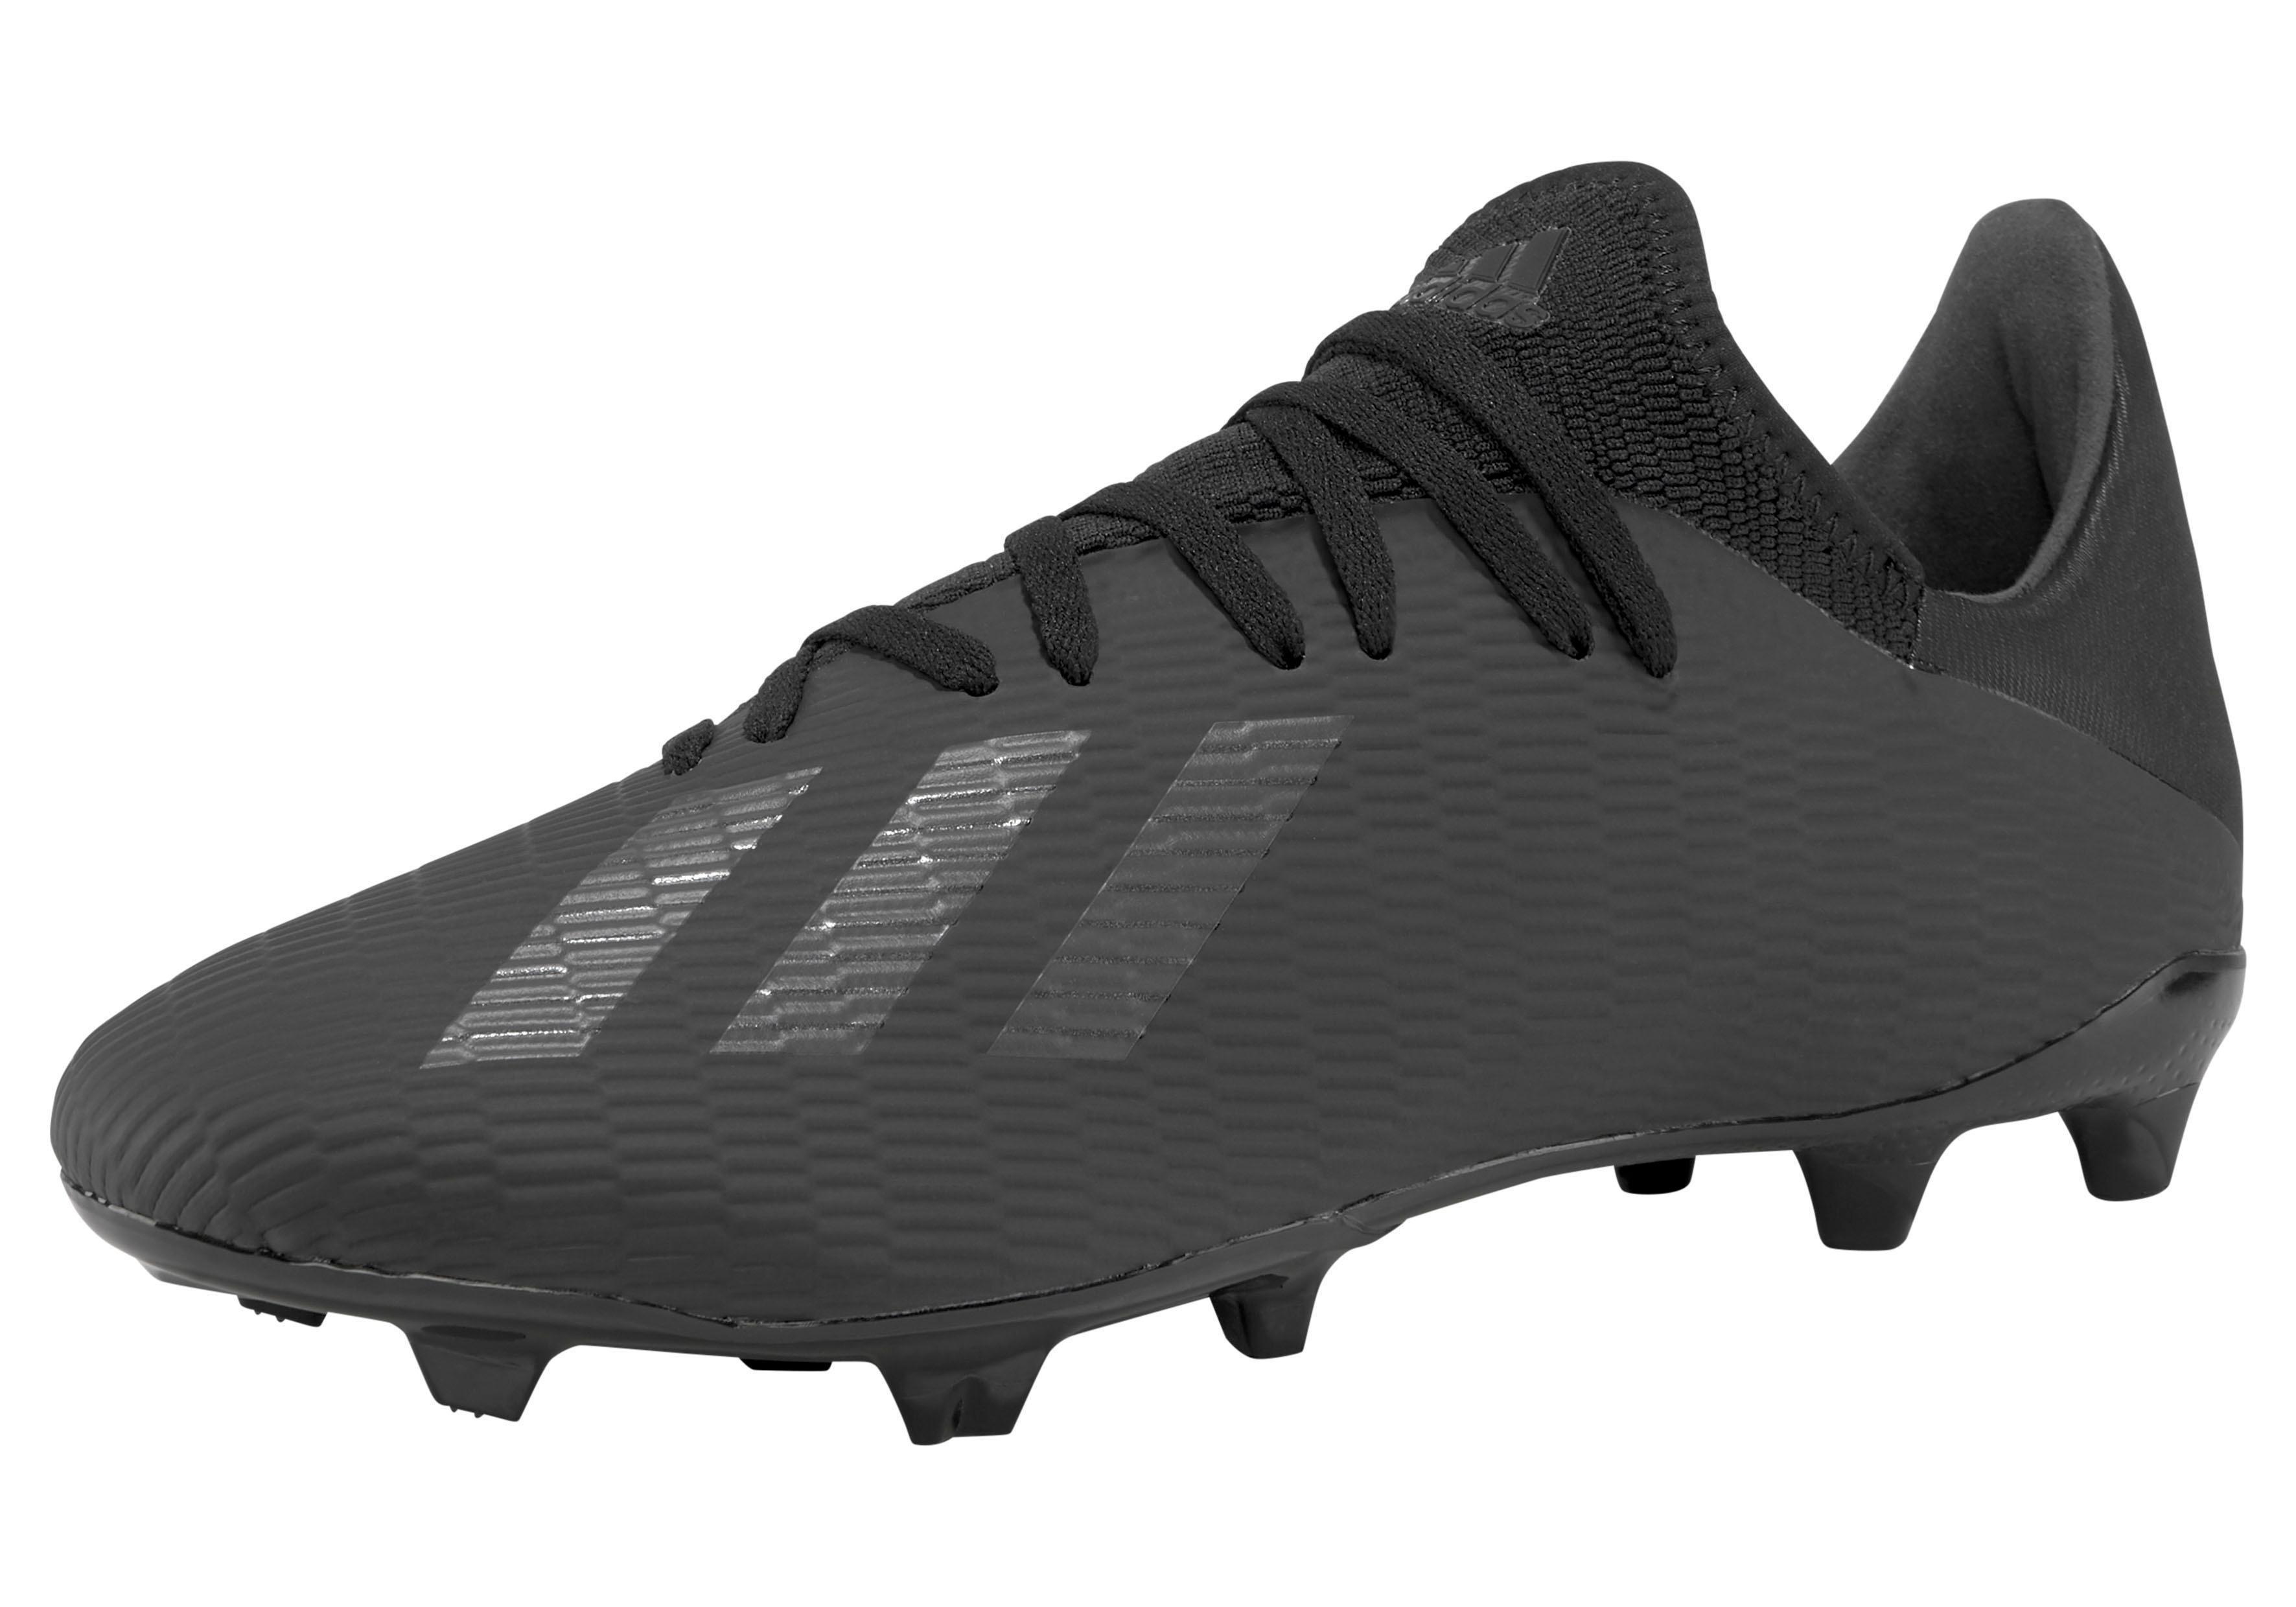 adidas Performance voetbalschoenen »X 19.3 FG« bij OTTO online kopen